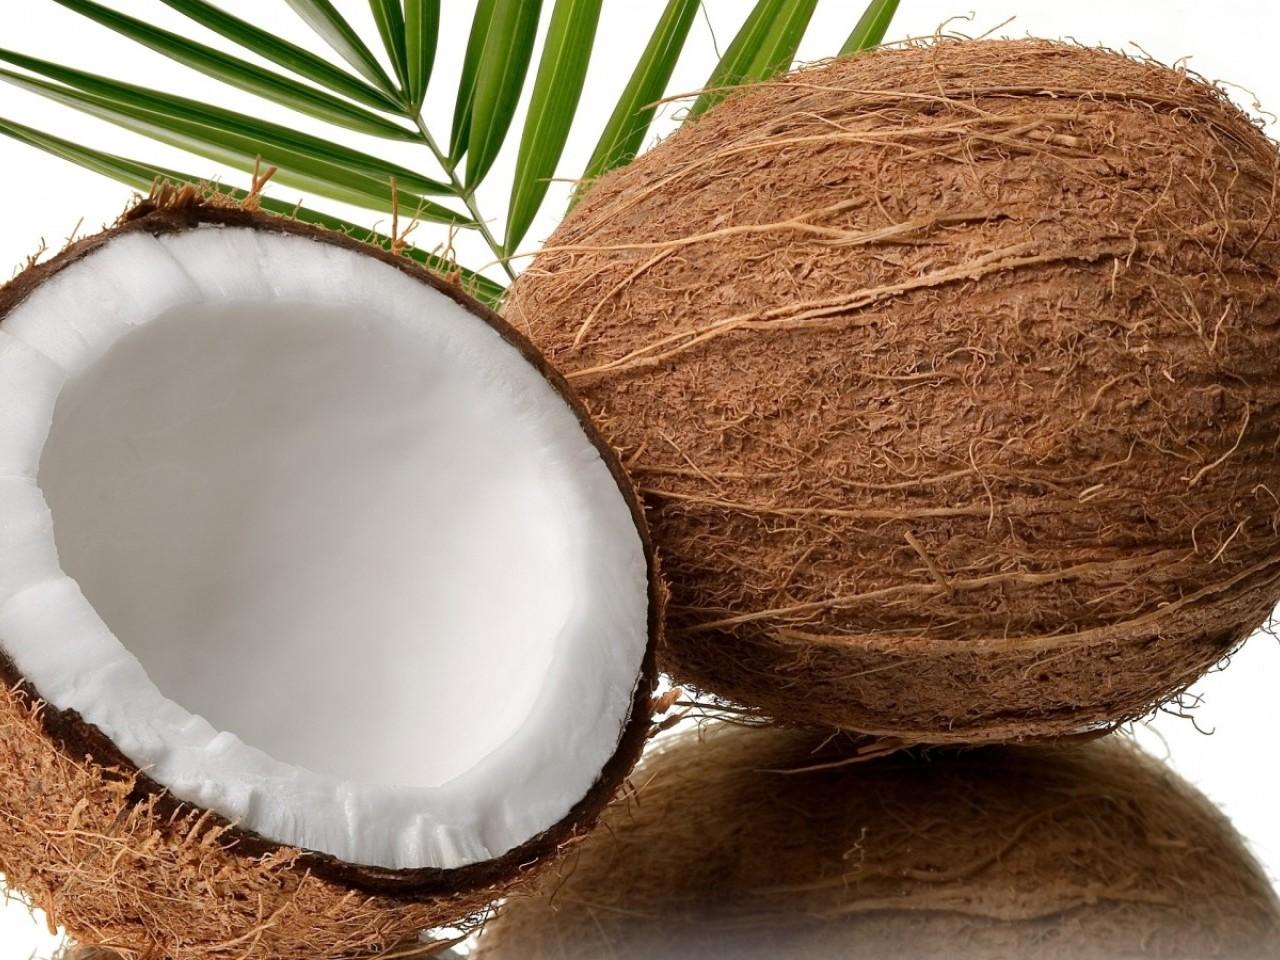 http://1.bp.blogspot.com/-EW70O9PqkiY/T92WTv42v4I/AAAAAAAAAcU/lOGITyyk04A/s1600/coconut-hd-1280x960.jpg